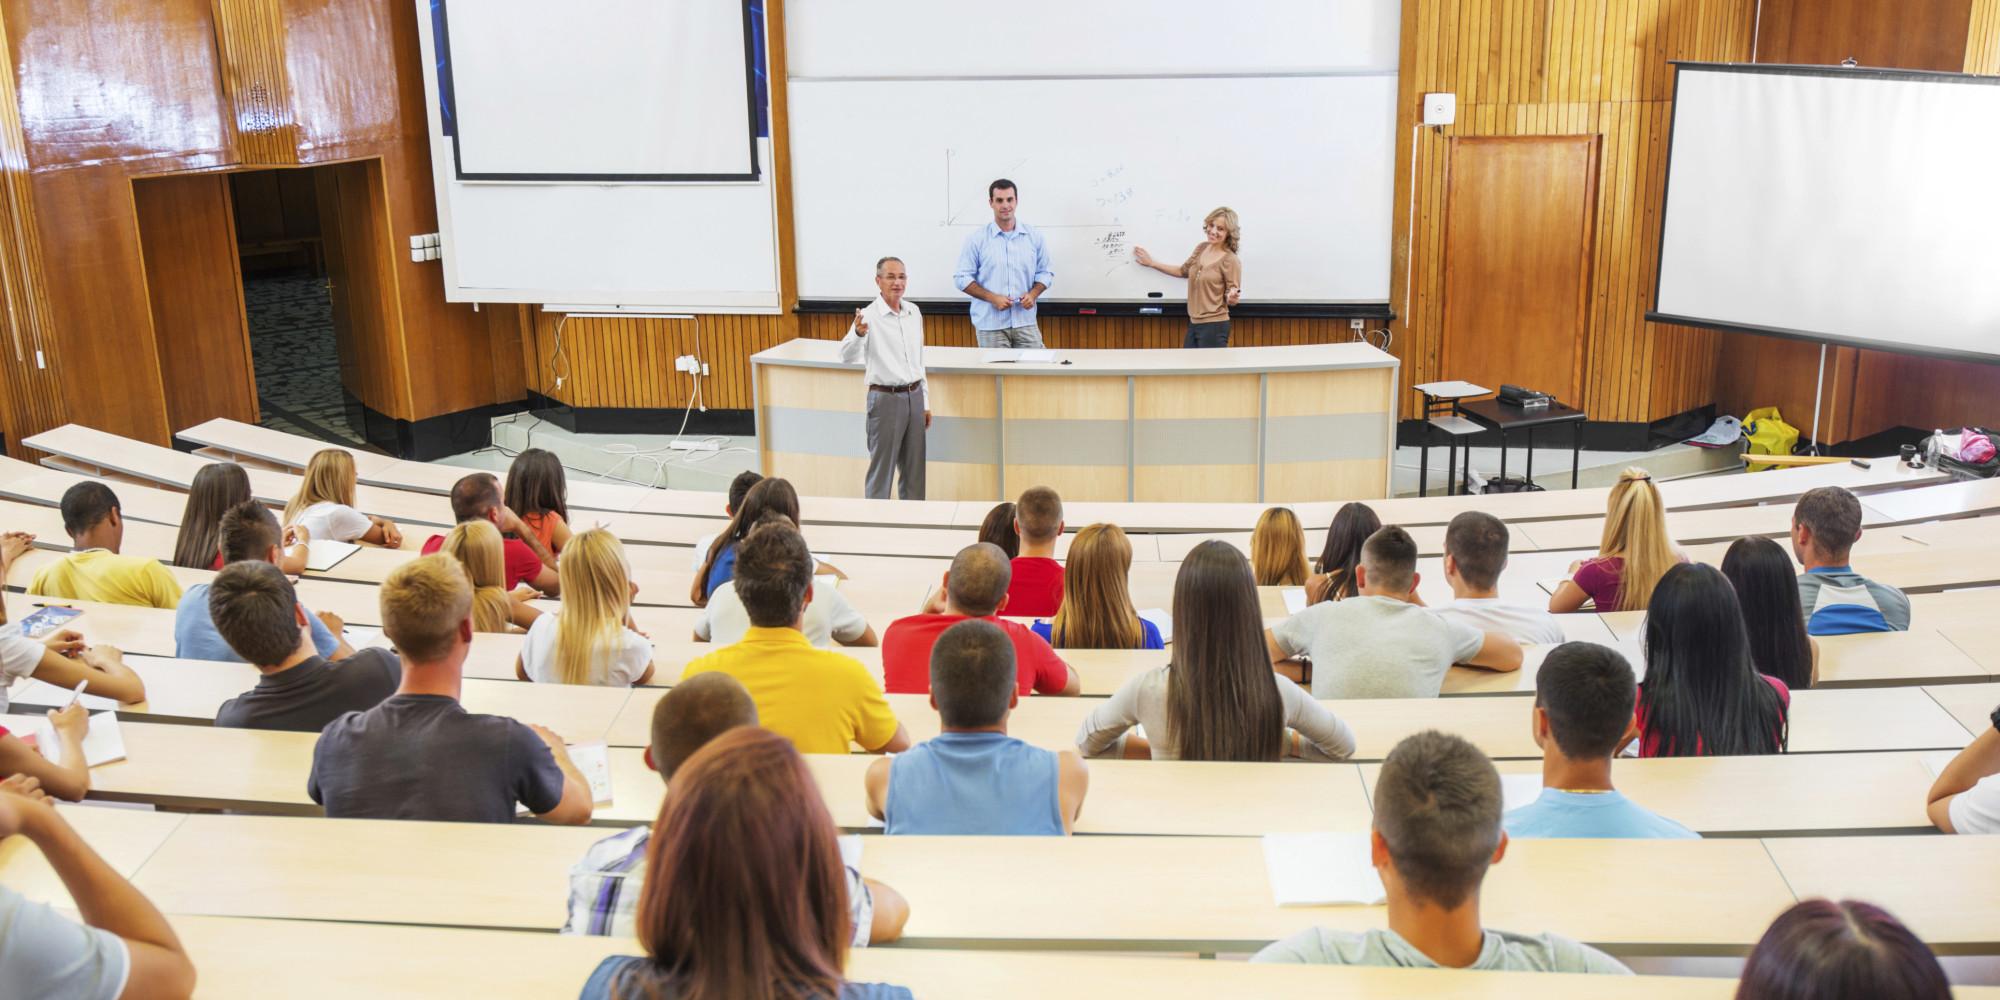 Inglés para profesores de la universidad o academicos